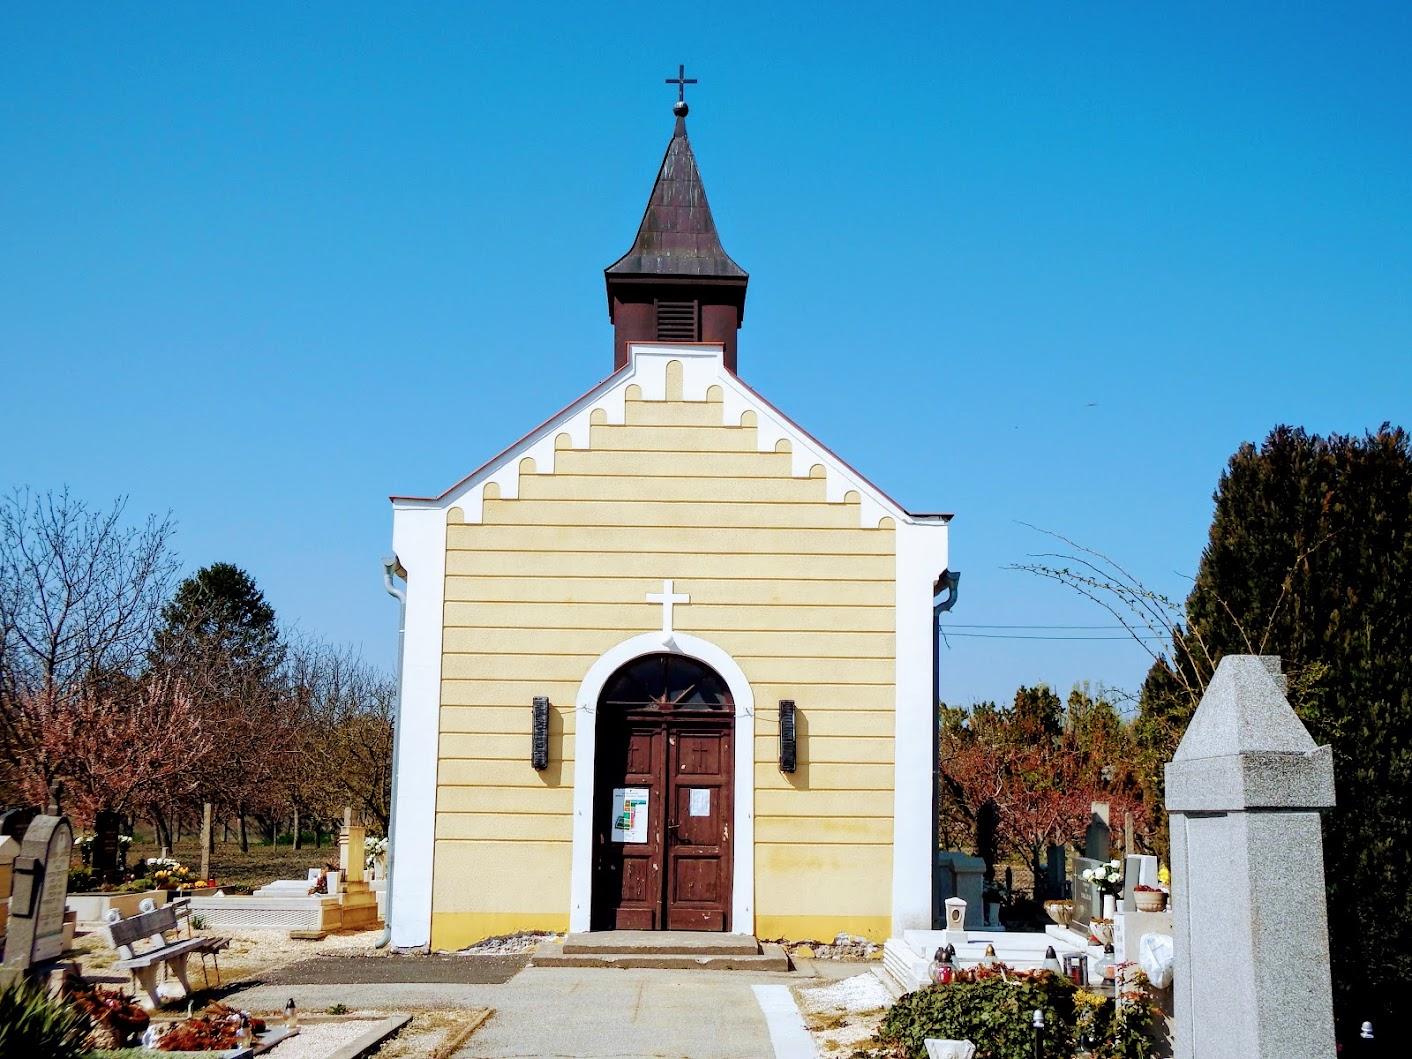 Győr - Szigeti temetőkápolna és temetőkereszt